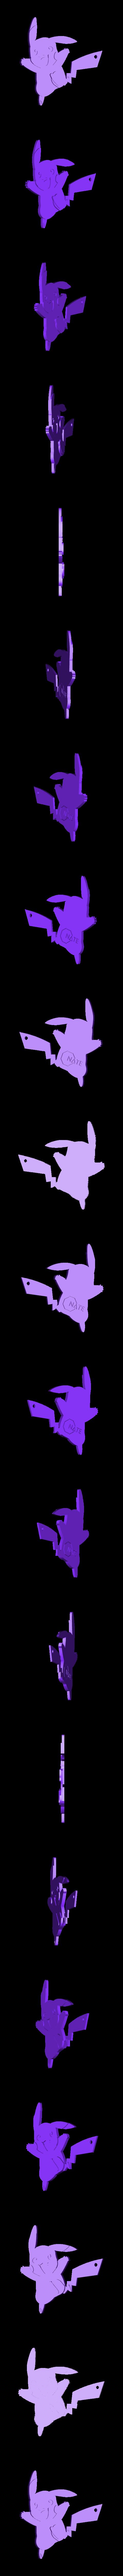 pikachu_key_logo.stl Download free STL file Pikachu Key Chain • 3D printable template, NateCreate